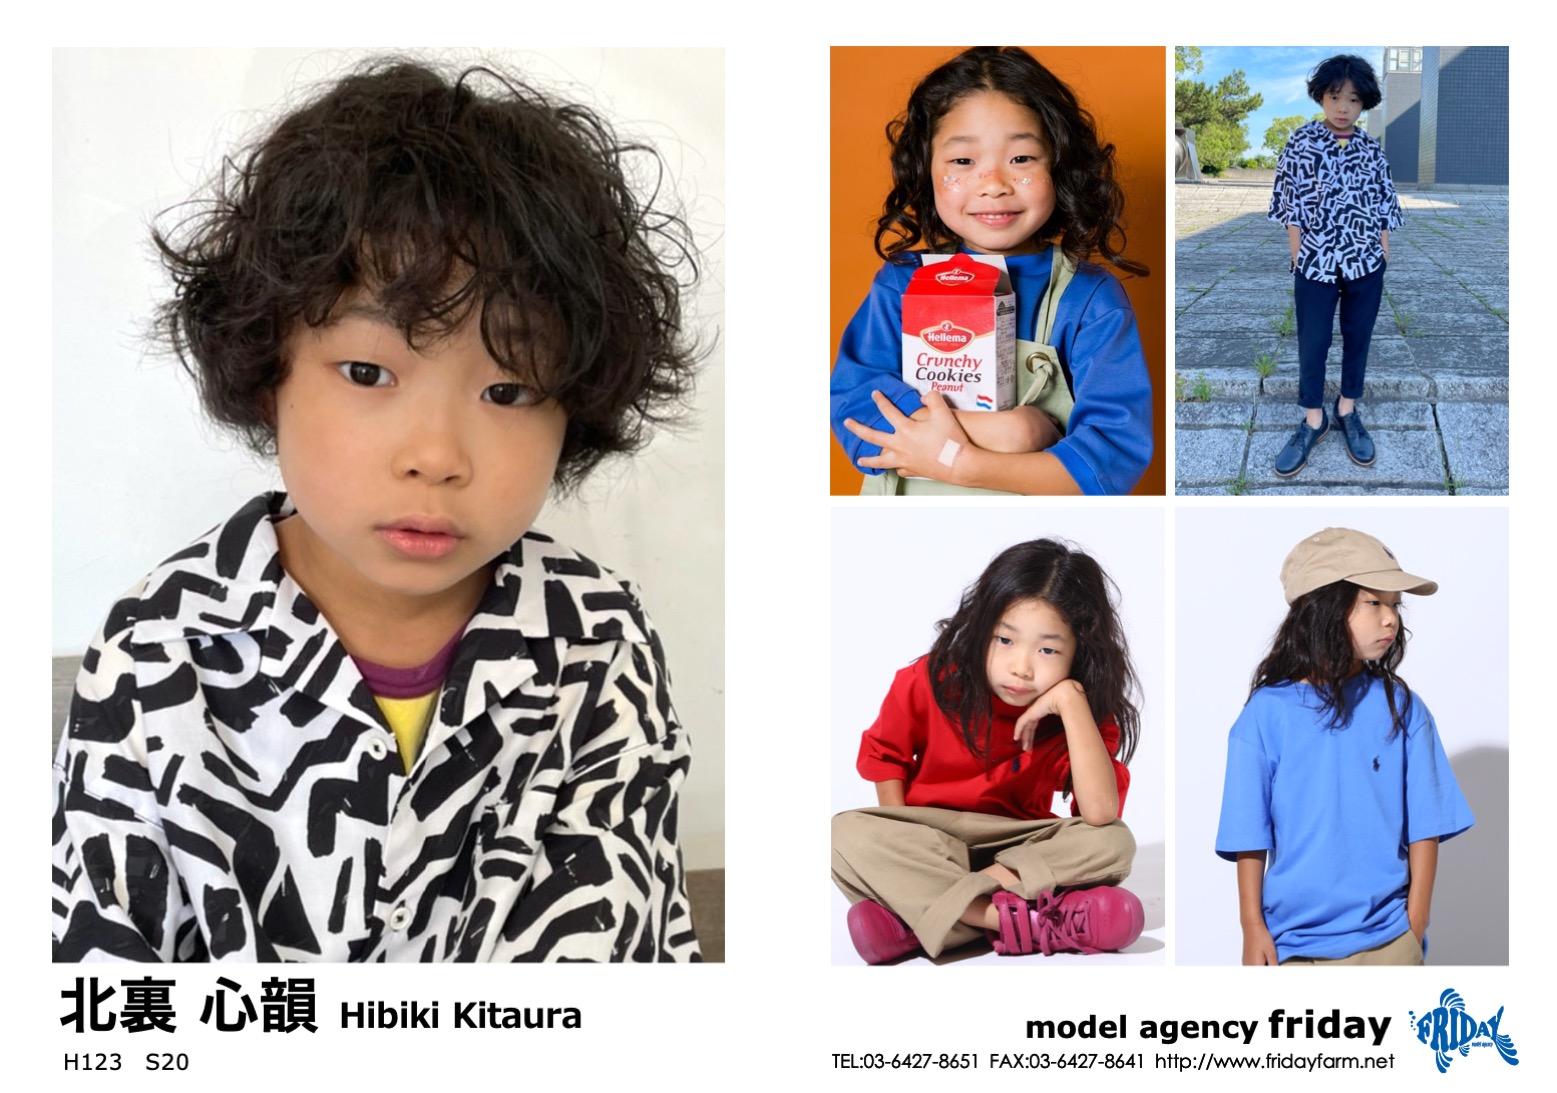 北裏 心韻 - Hibiki Kitaura | model agency friday